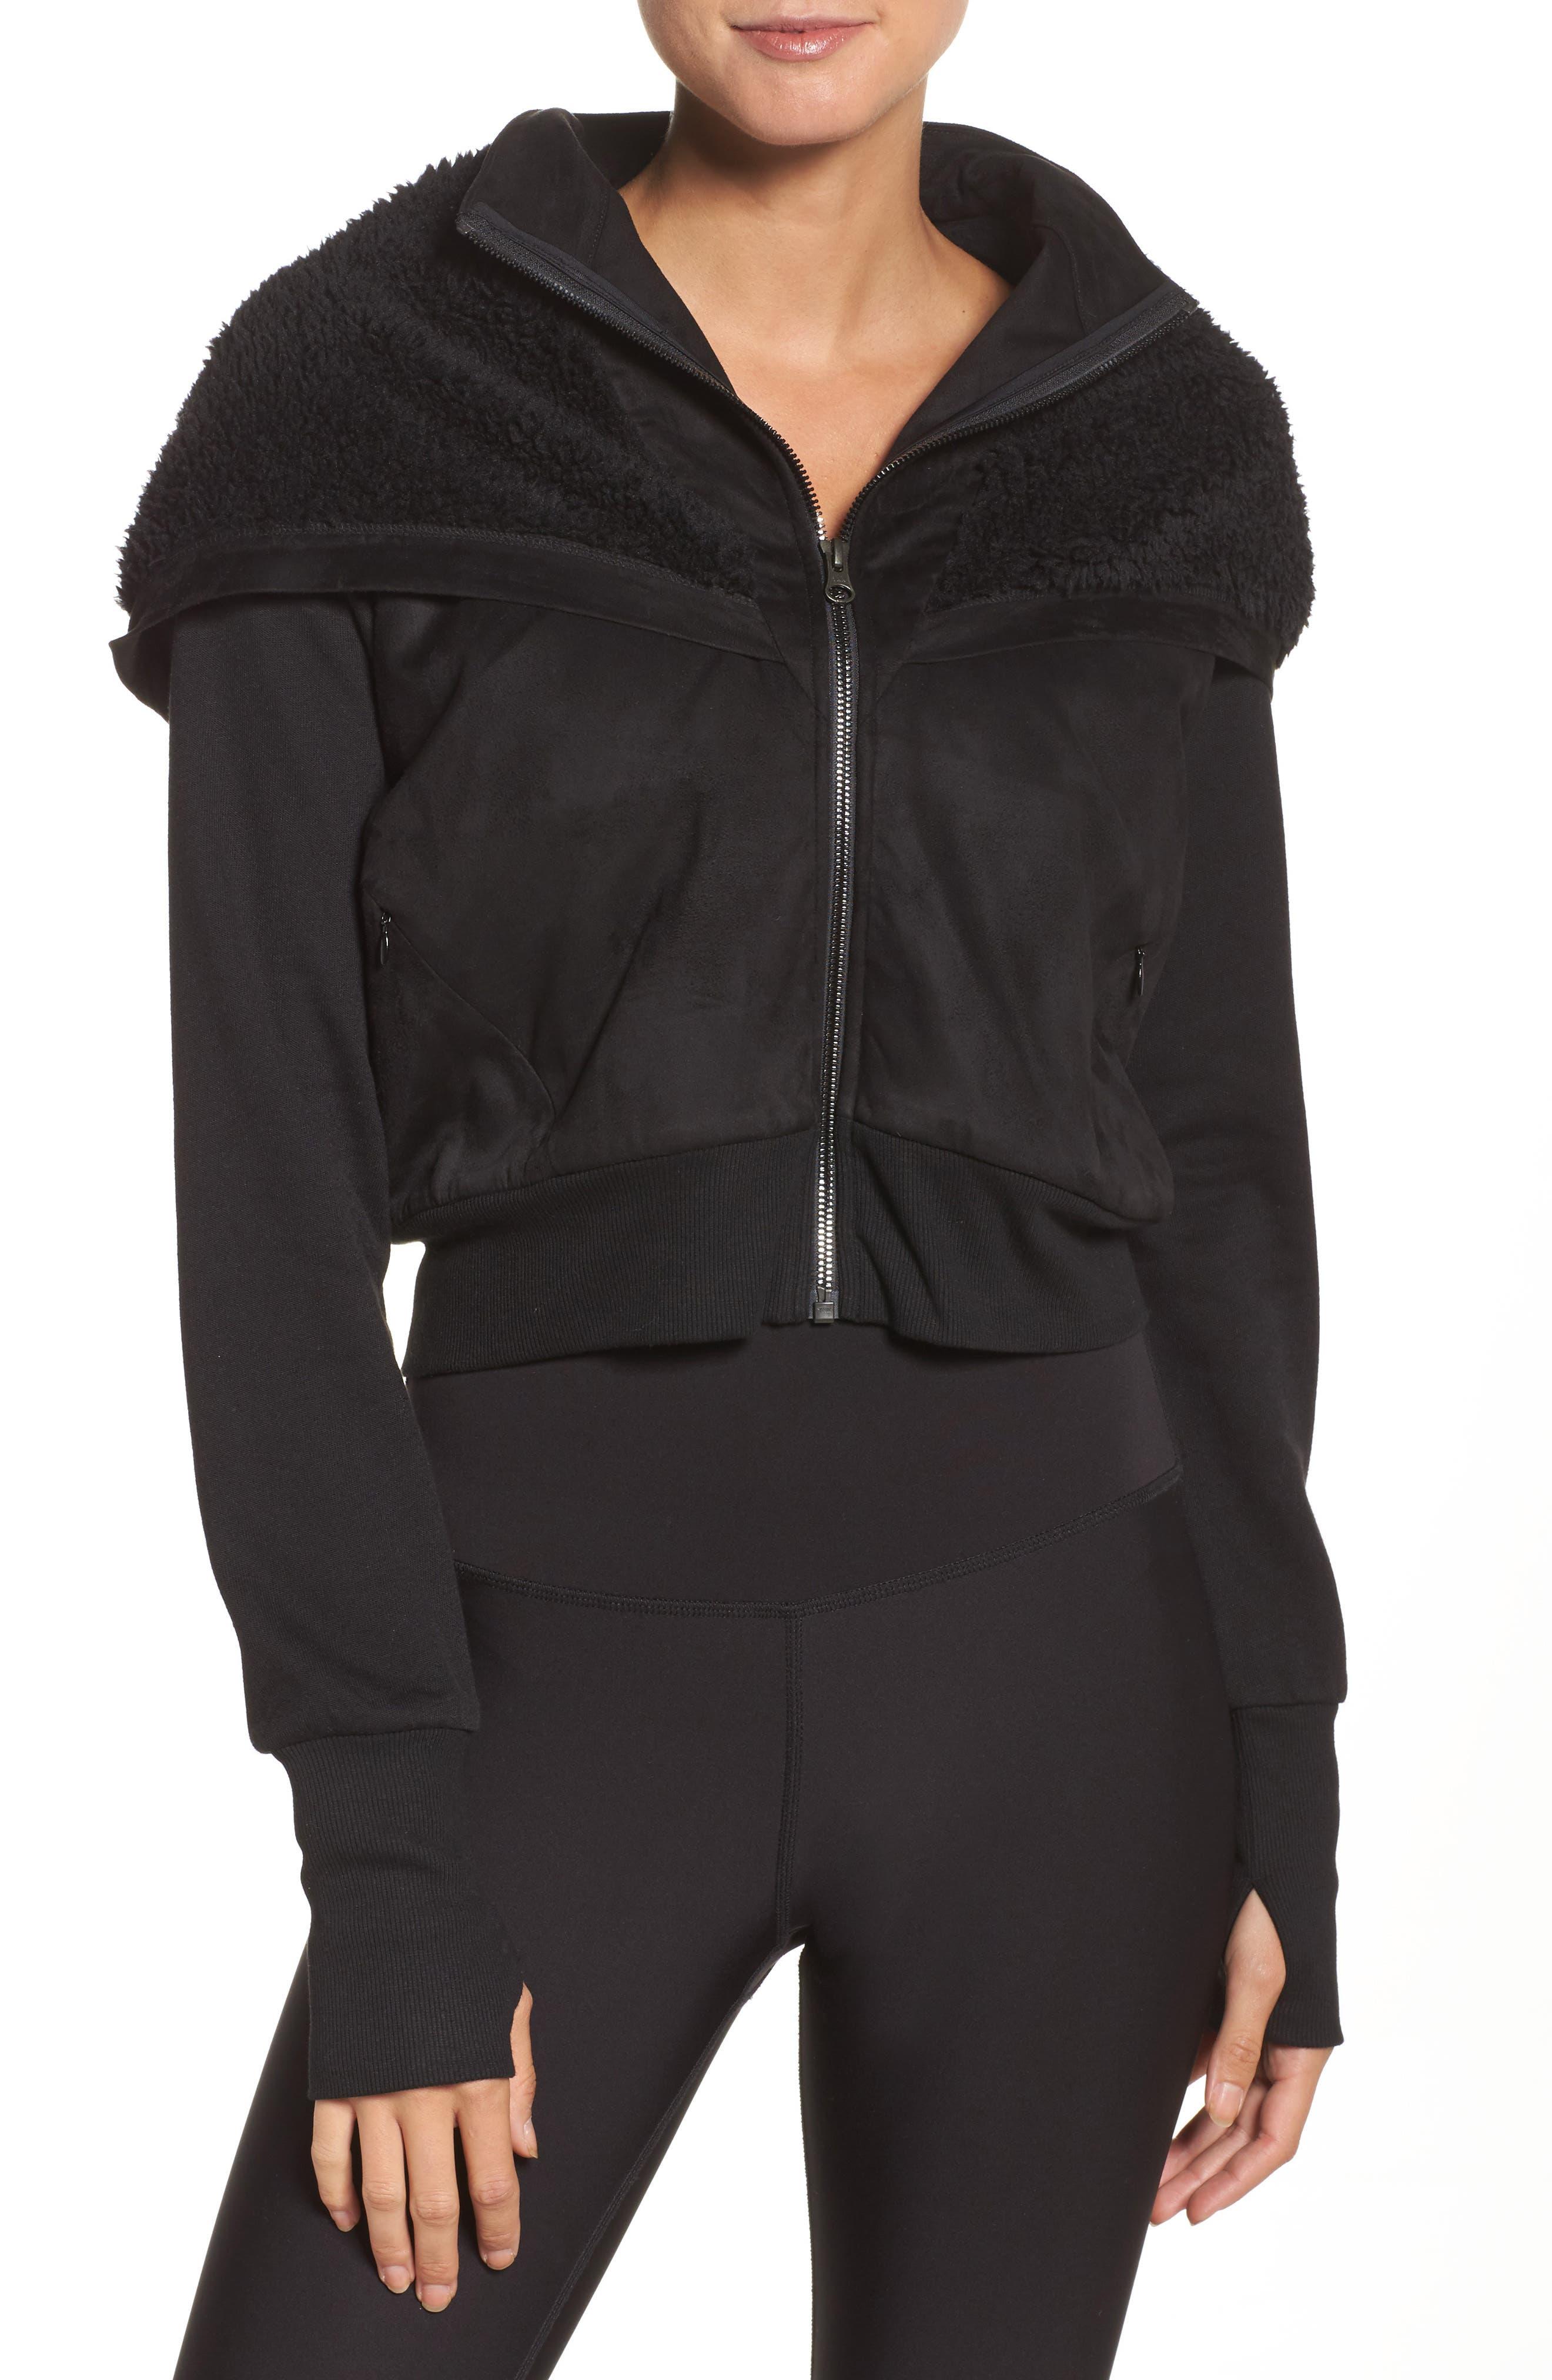 LA Winter Faux Fur Lined Jacket,                             Main thumbnail 1, color,                             Black